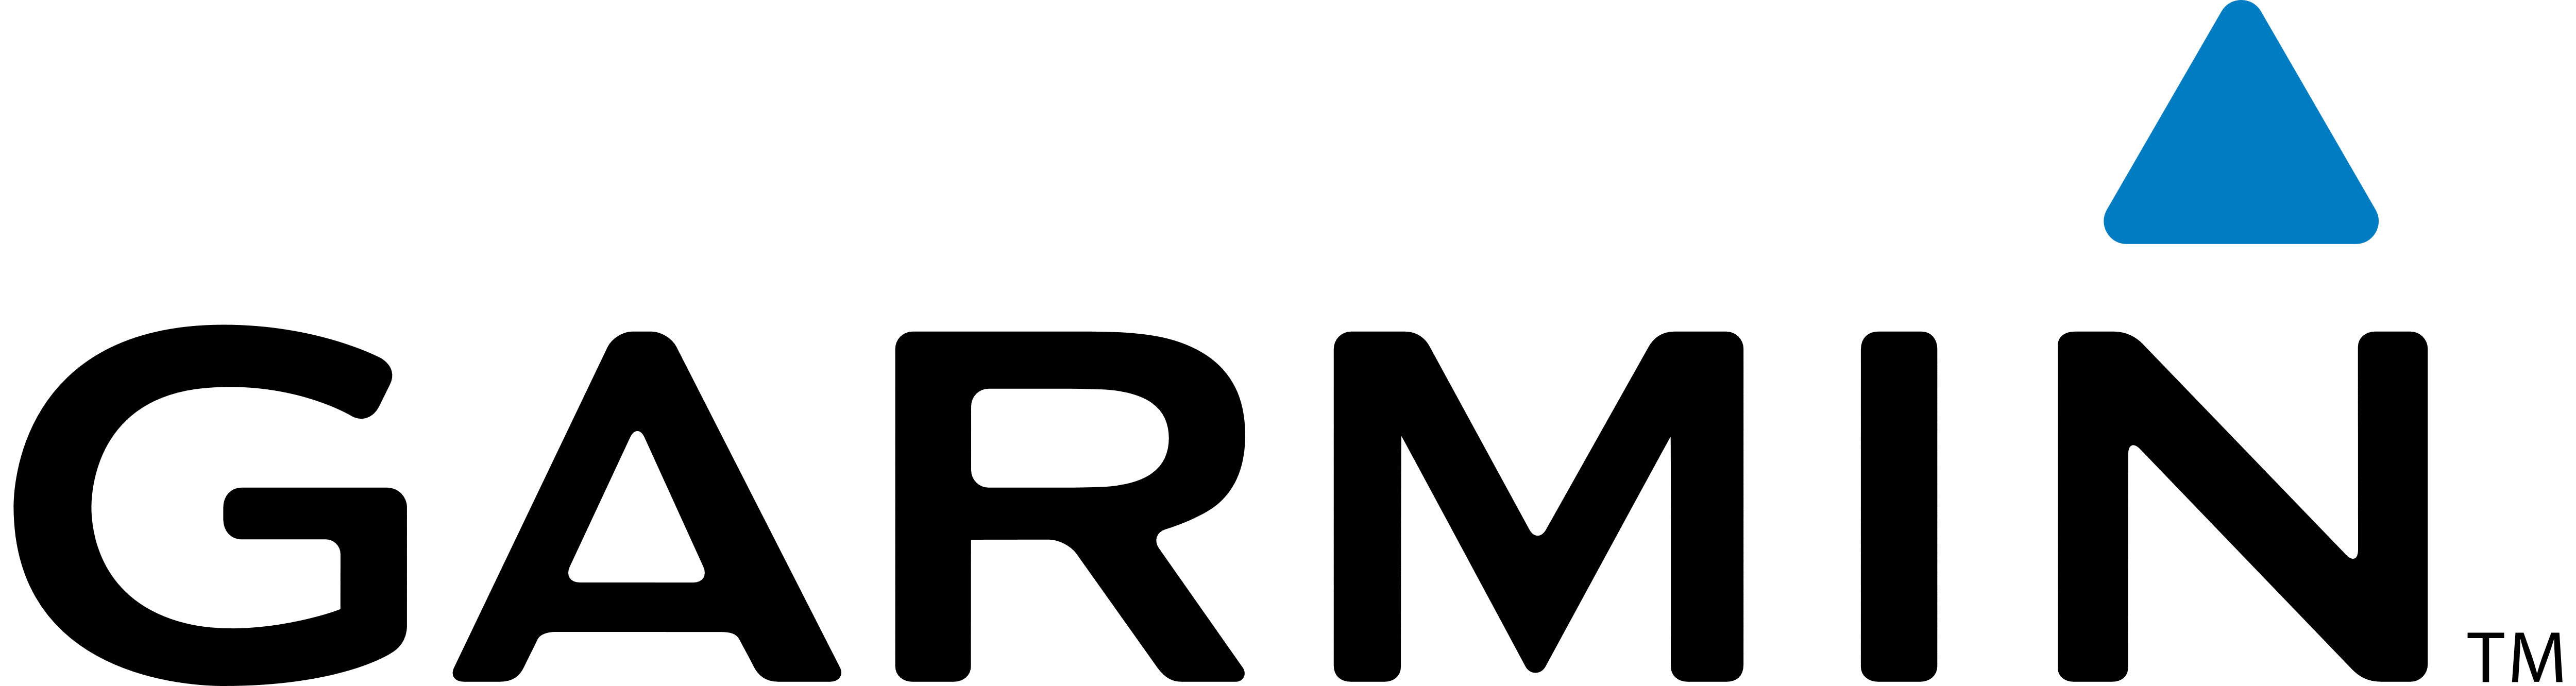 garmin-logo.png